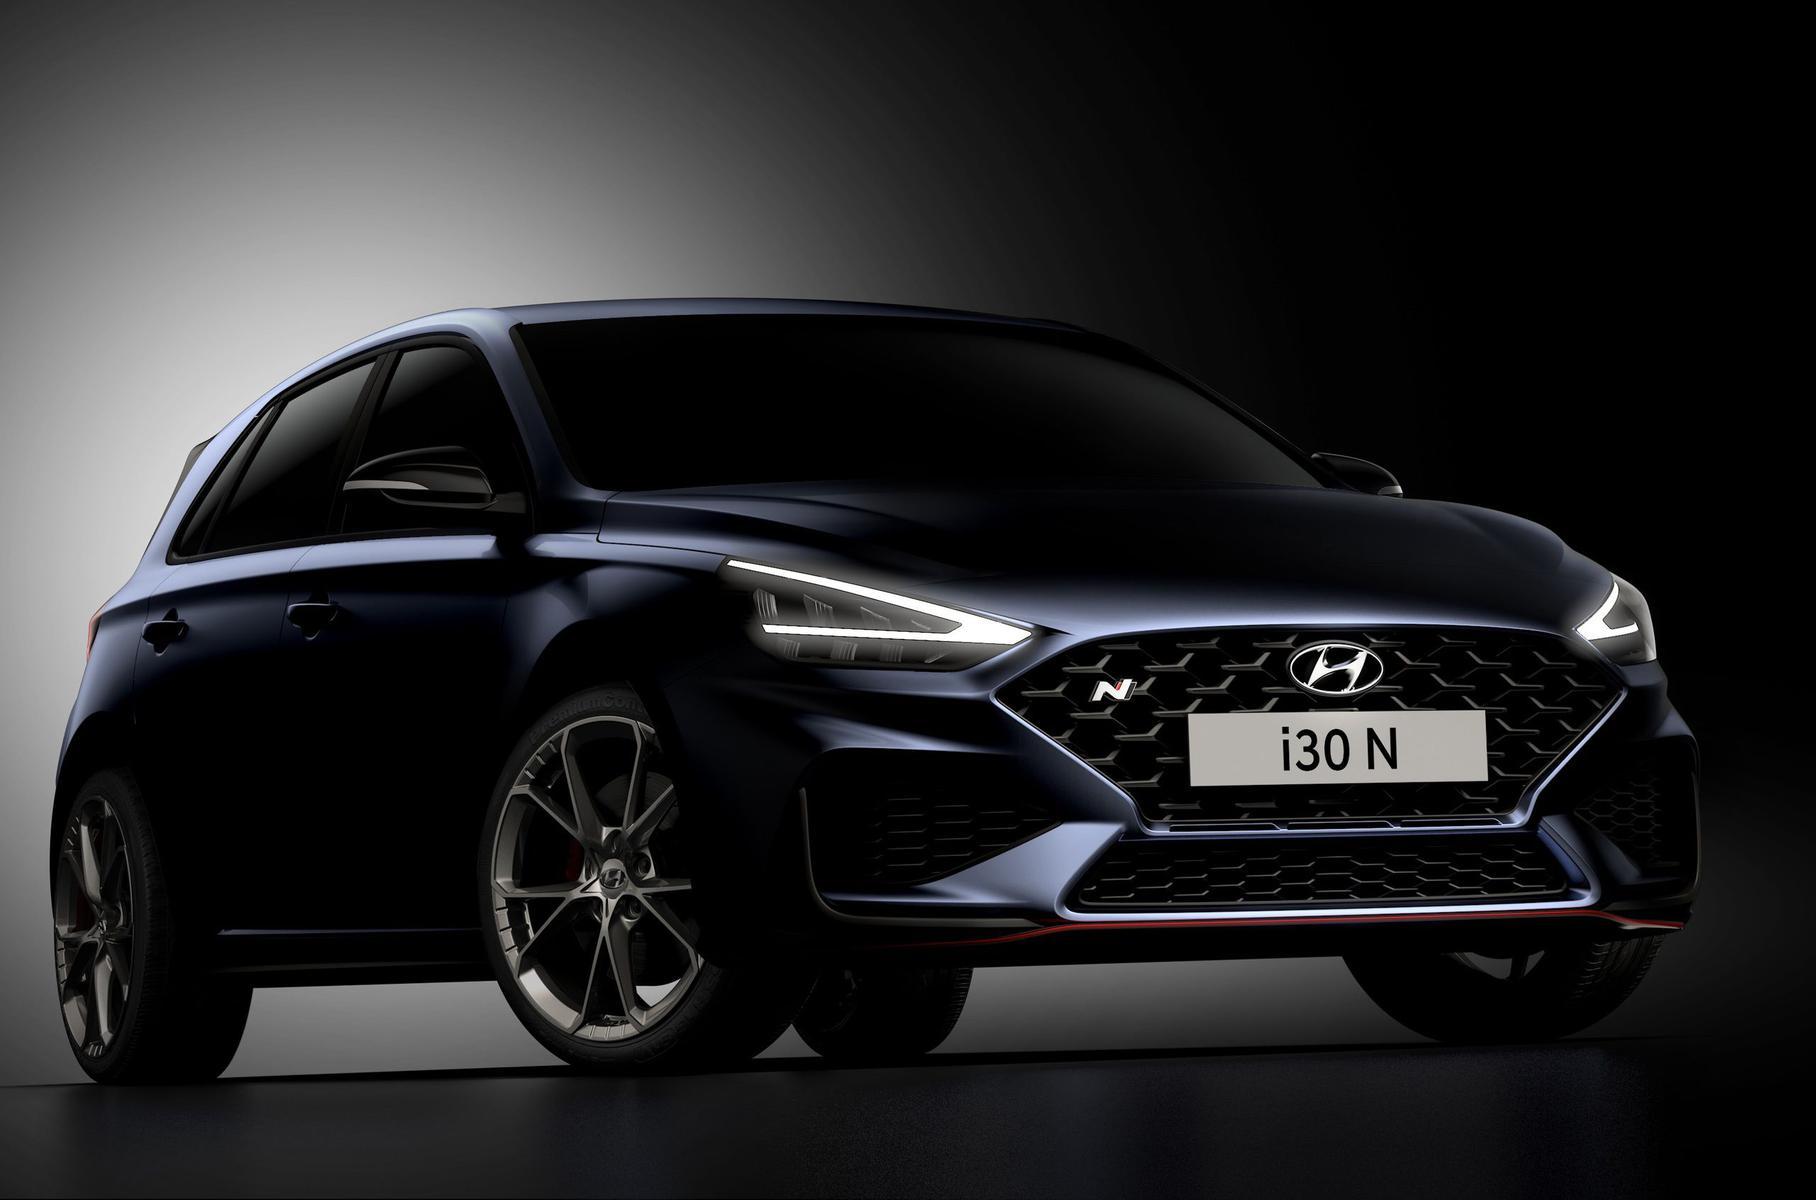 Der aktualisierte Hyundai i30 N wurde auf offiziellen Bildern angezeigt